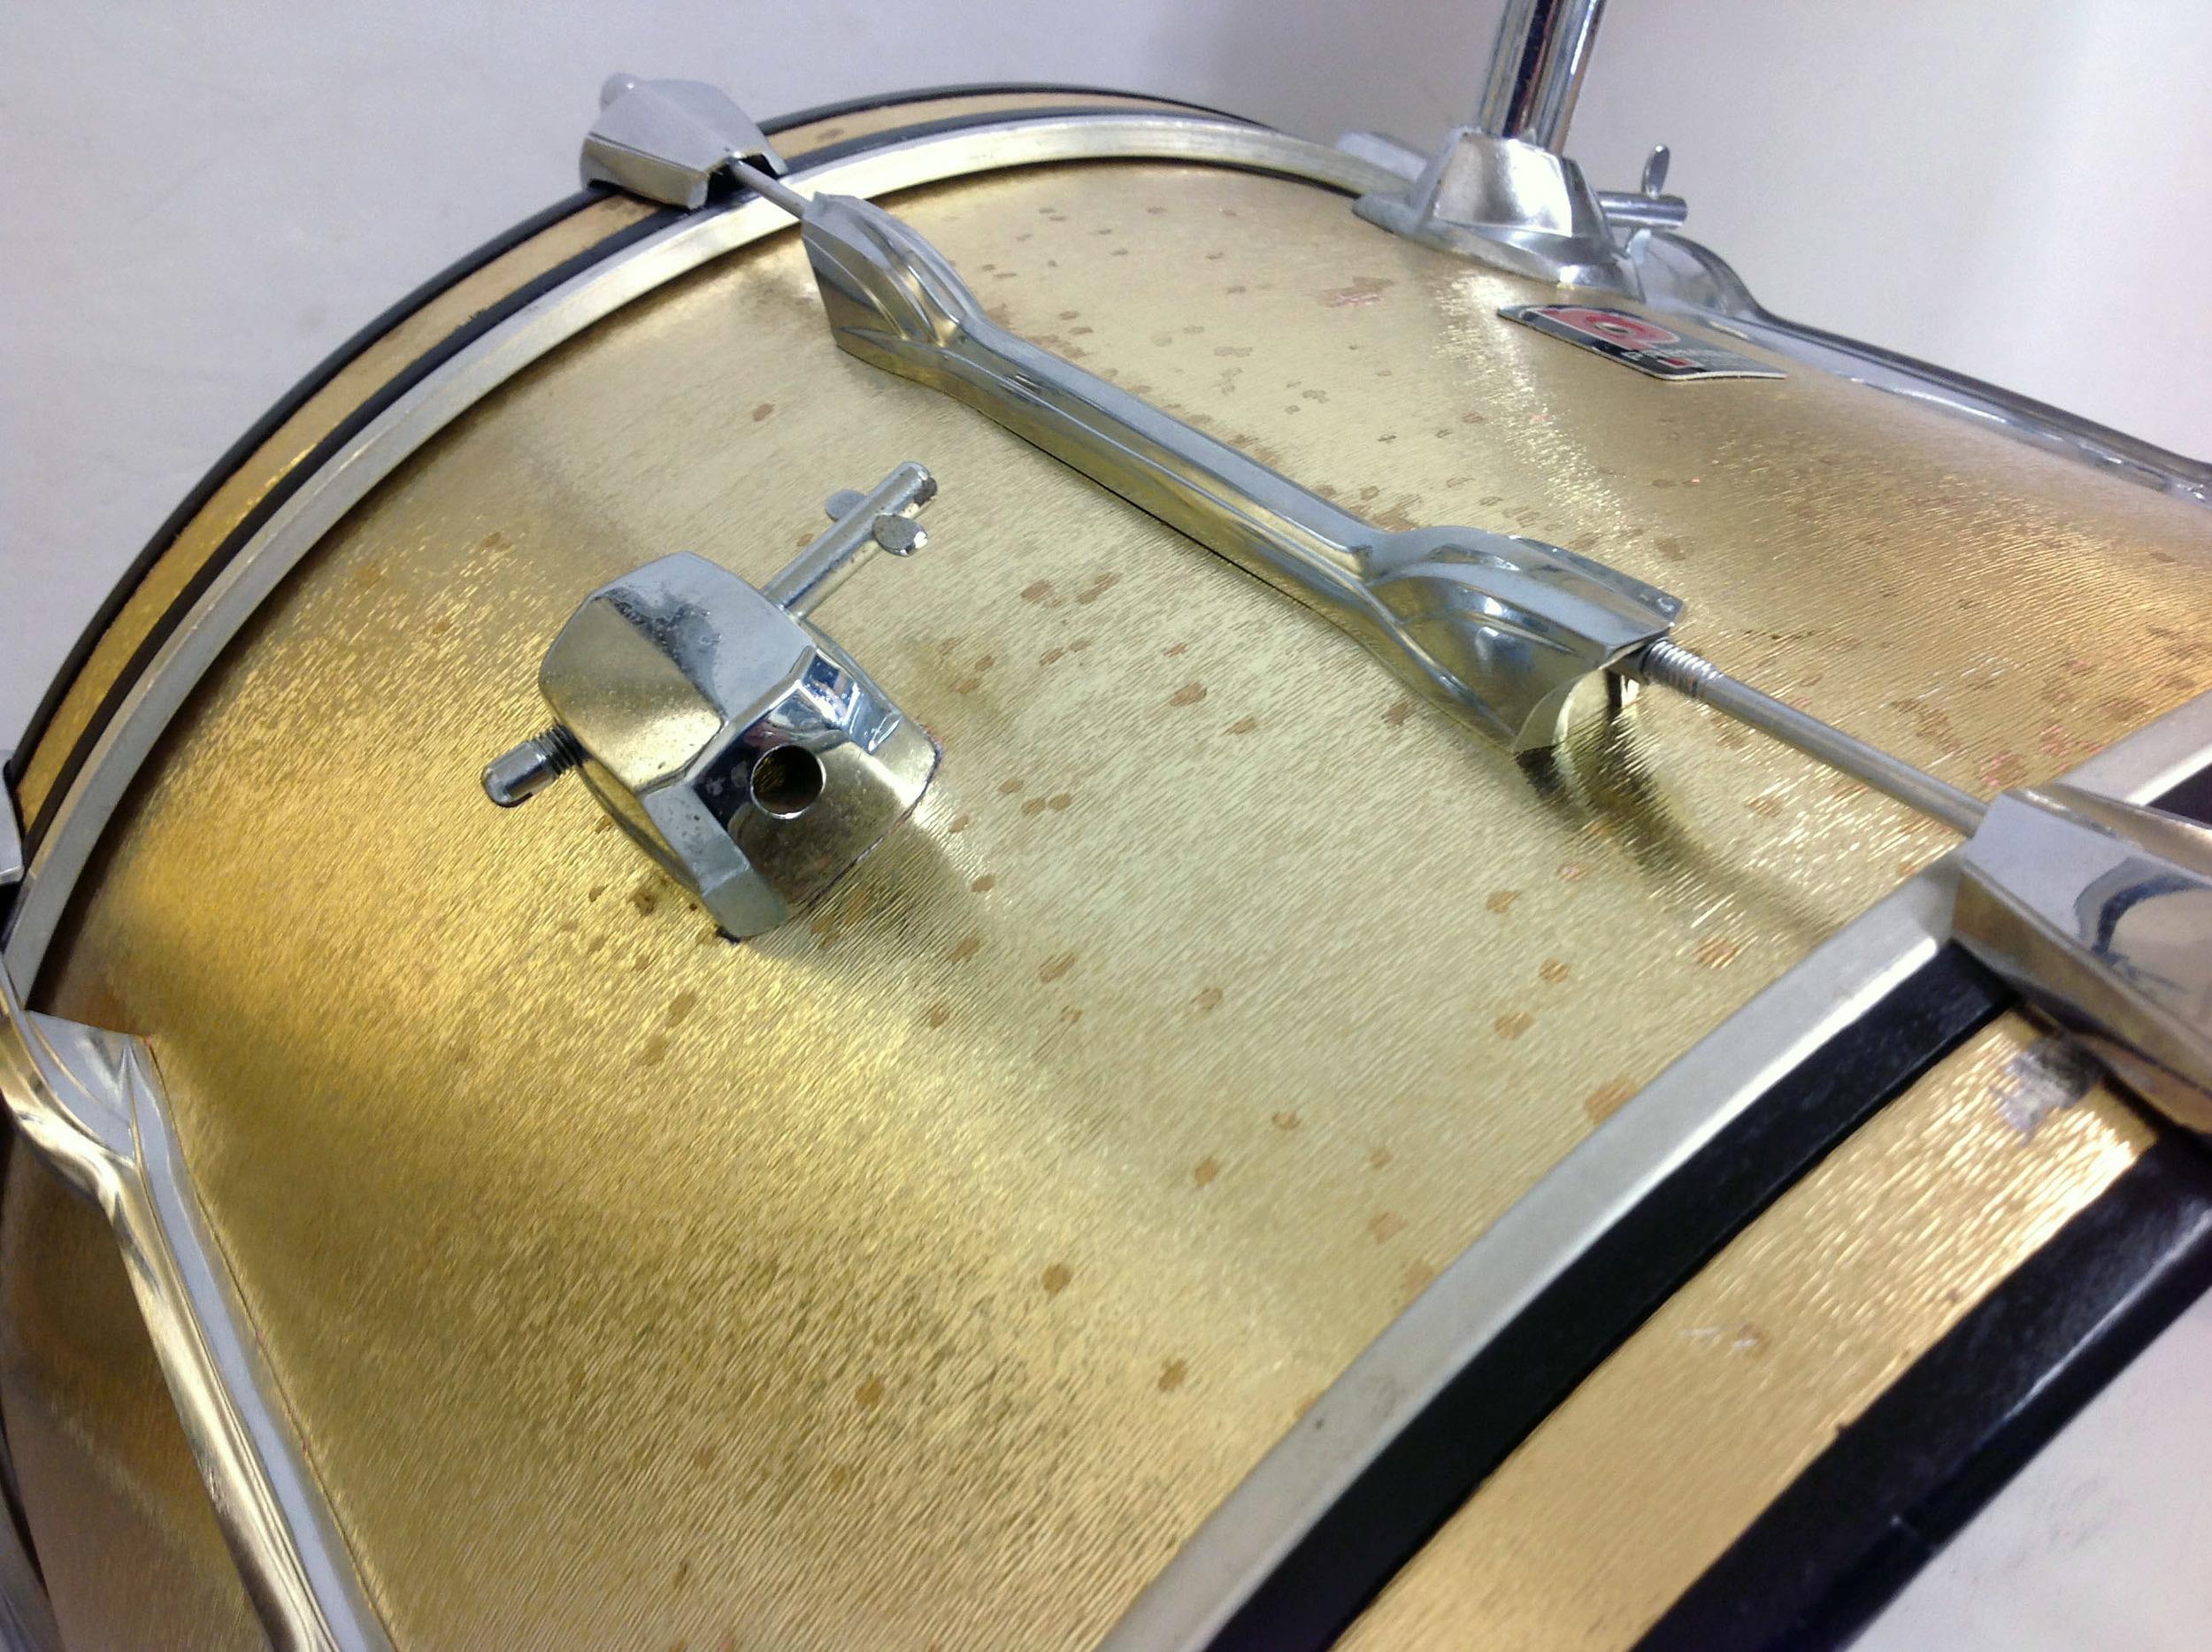 Golden sun bass drum with cymbal holder.jpg